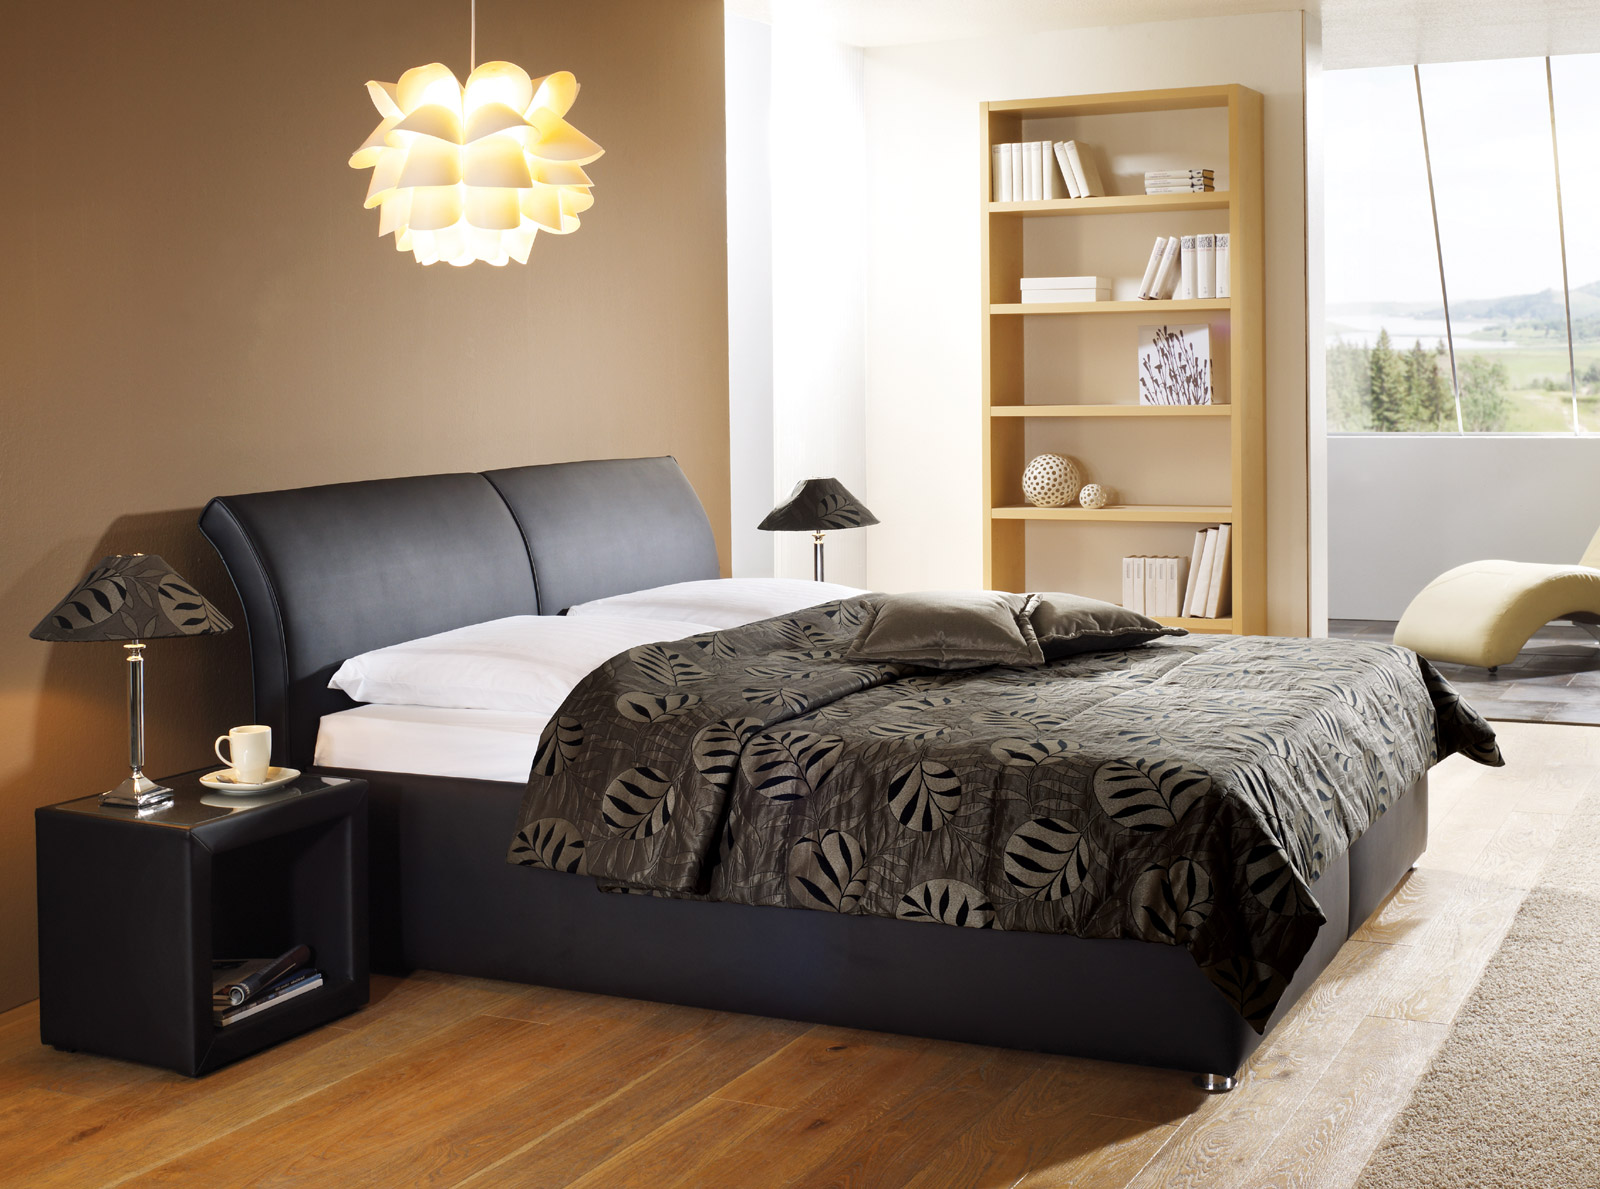 Full Size of Stauraumbett 200x200 Ebay Betten 180x200 Berlin Bonpri90x200 Bett 80x200 Bettkasten Mit Komforthöhe Weiß Stauraum Wohnzimmer Stauraumbett 200x200